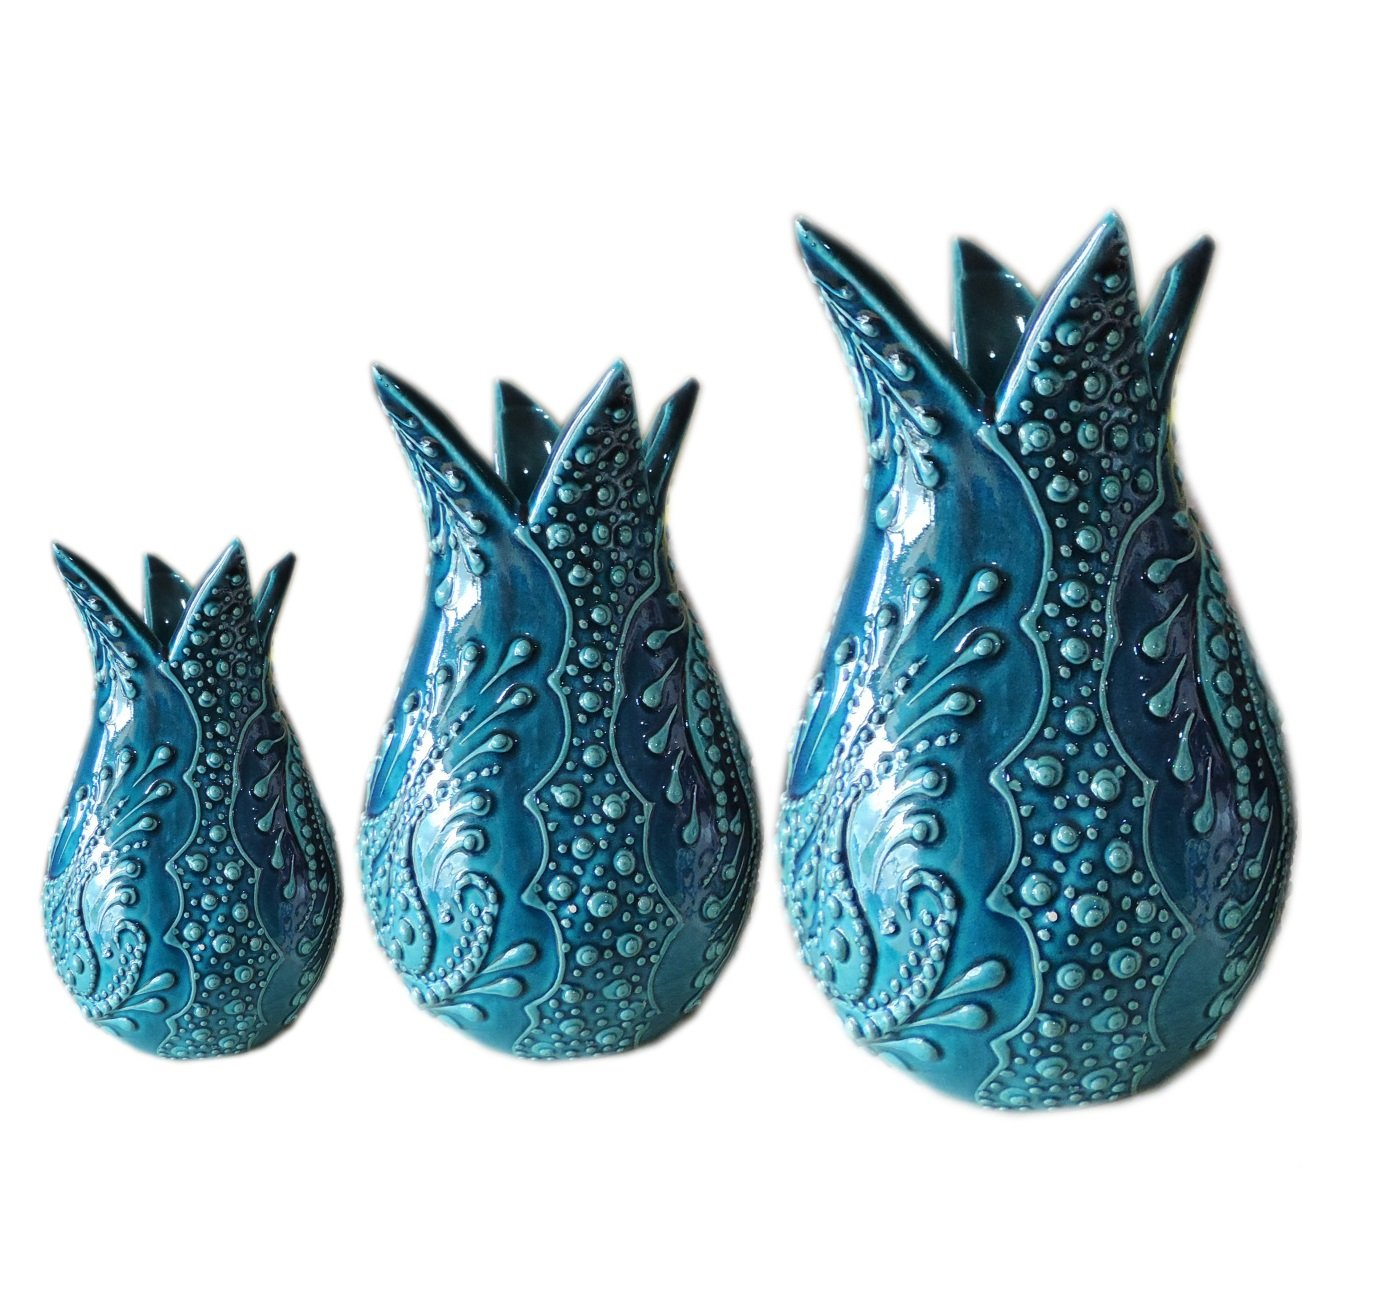 ターコイズタイルチューリップトリオハンドメイドトルコ花瓶8 cm、10 cm、12 cm B079VKB9QP